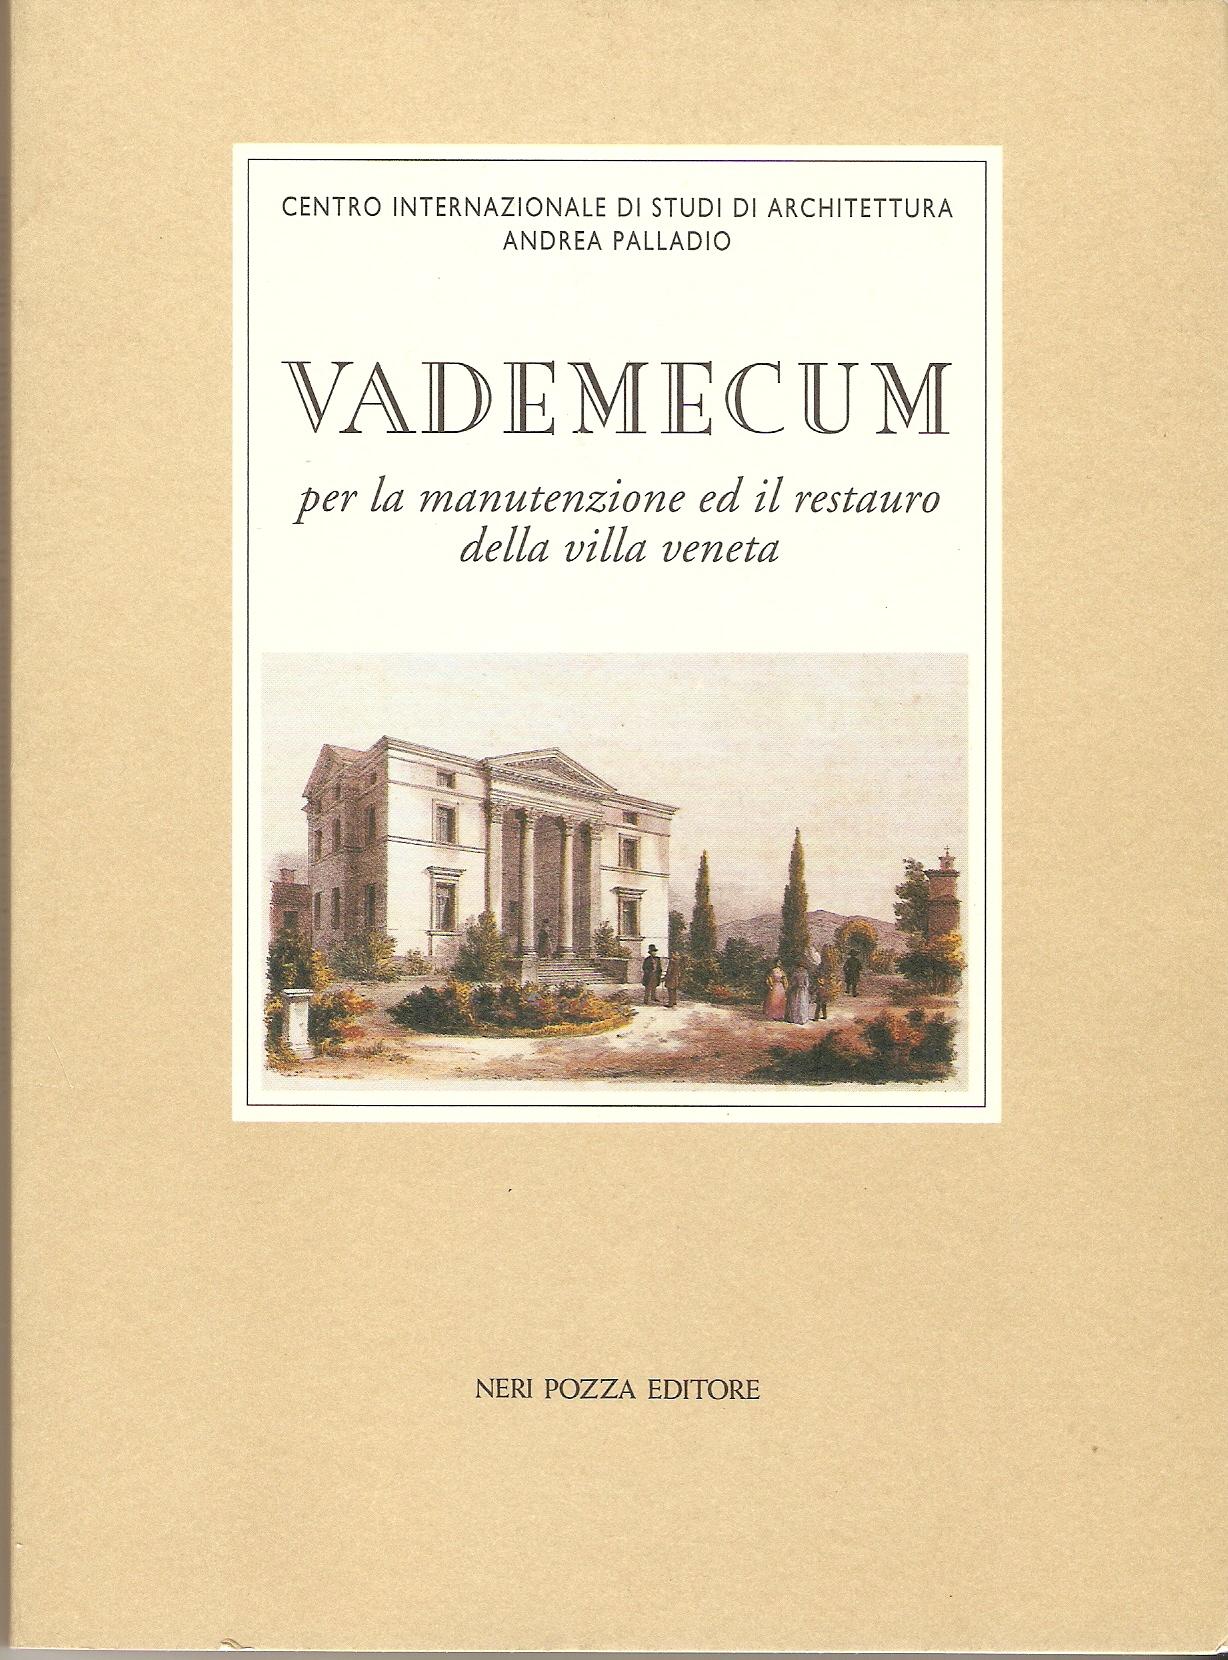 Vademecum per la manutenzione ed il restauro della villa veneta